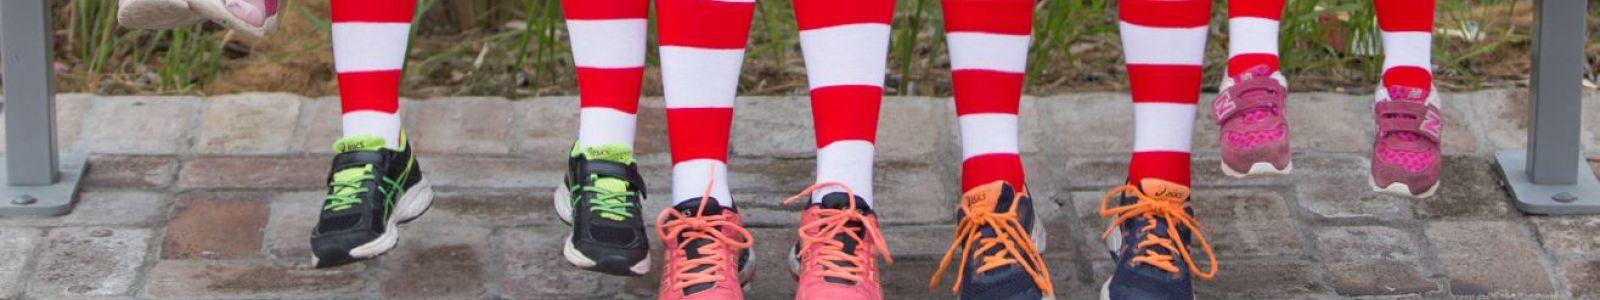 Show your Stripes - Little Athletics